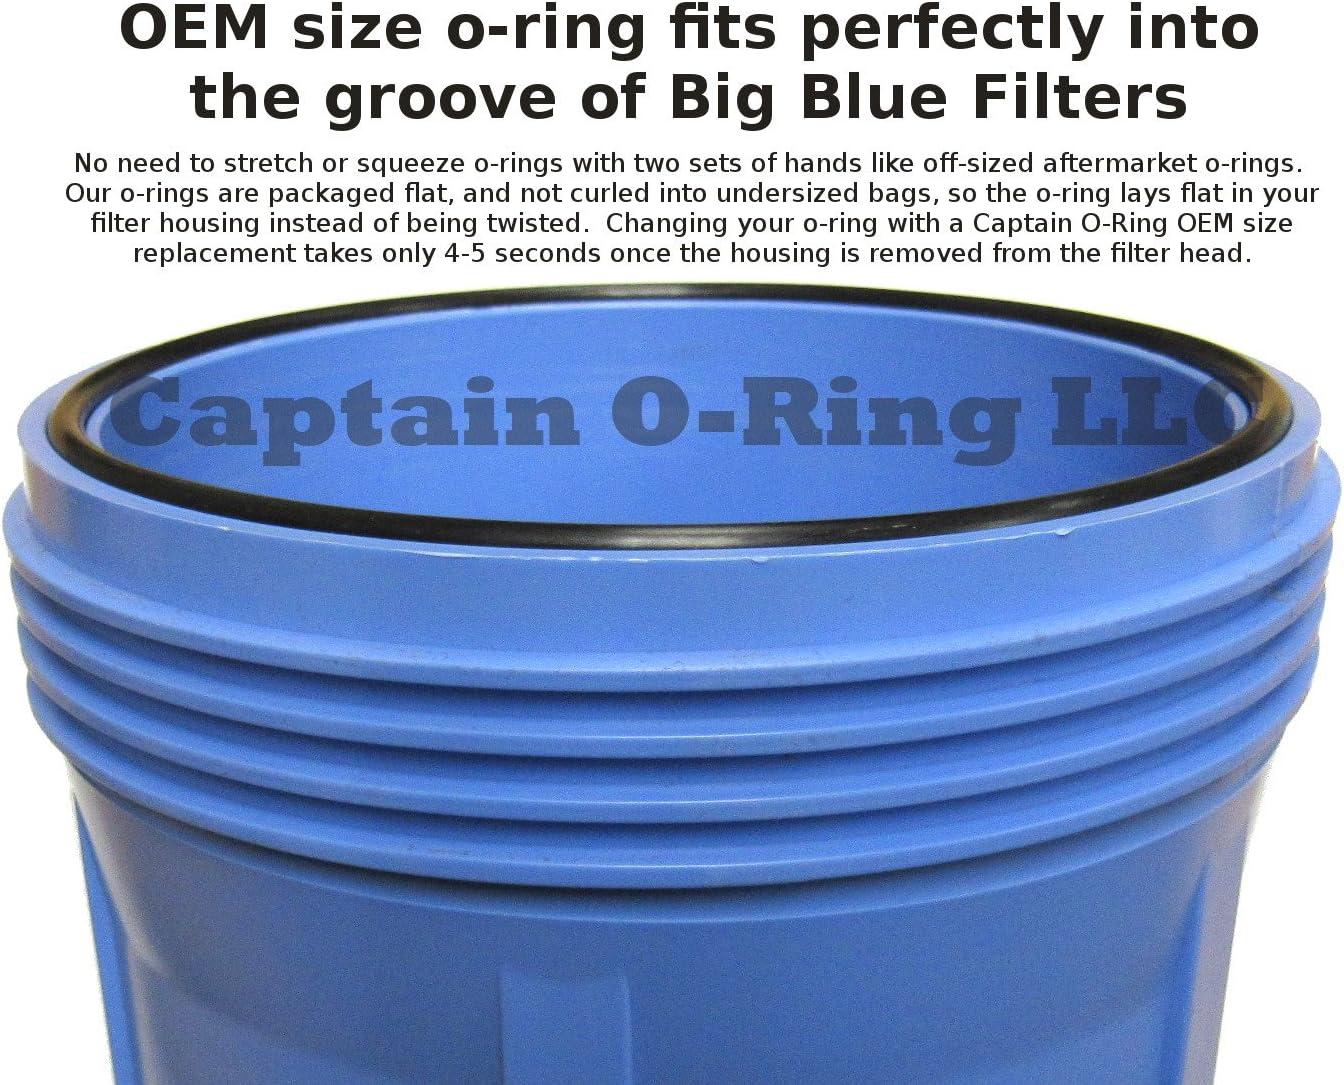 HAKATOP 5pk O-Ring Replacement for Pentek//Pentair 151122 Culligan OR-100 Water Filter Housings